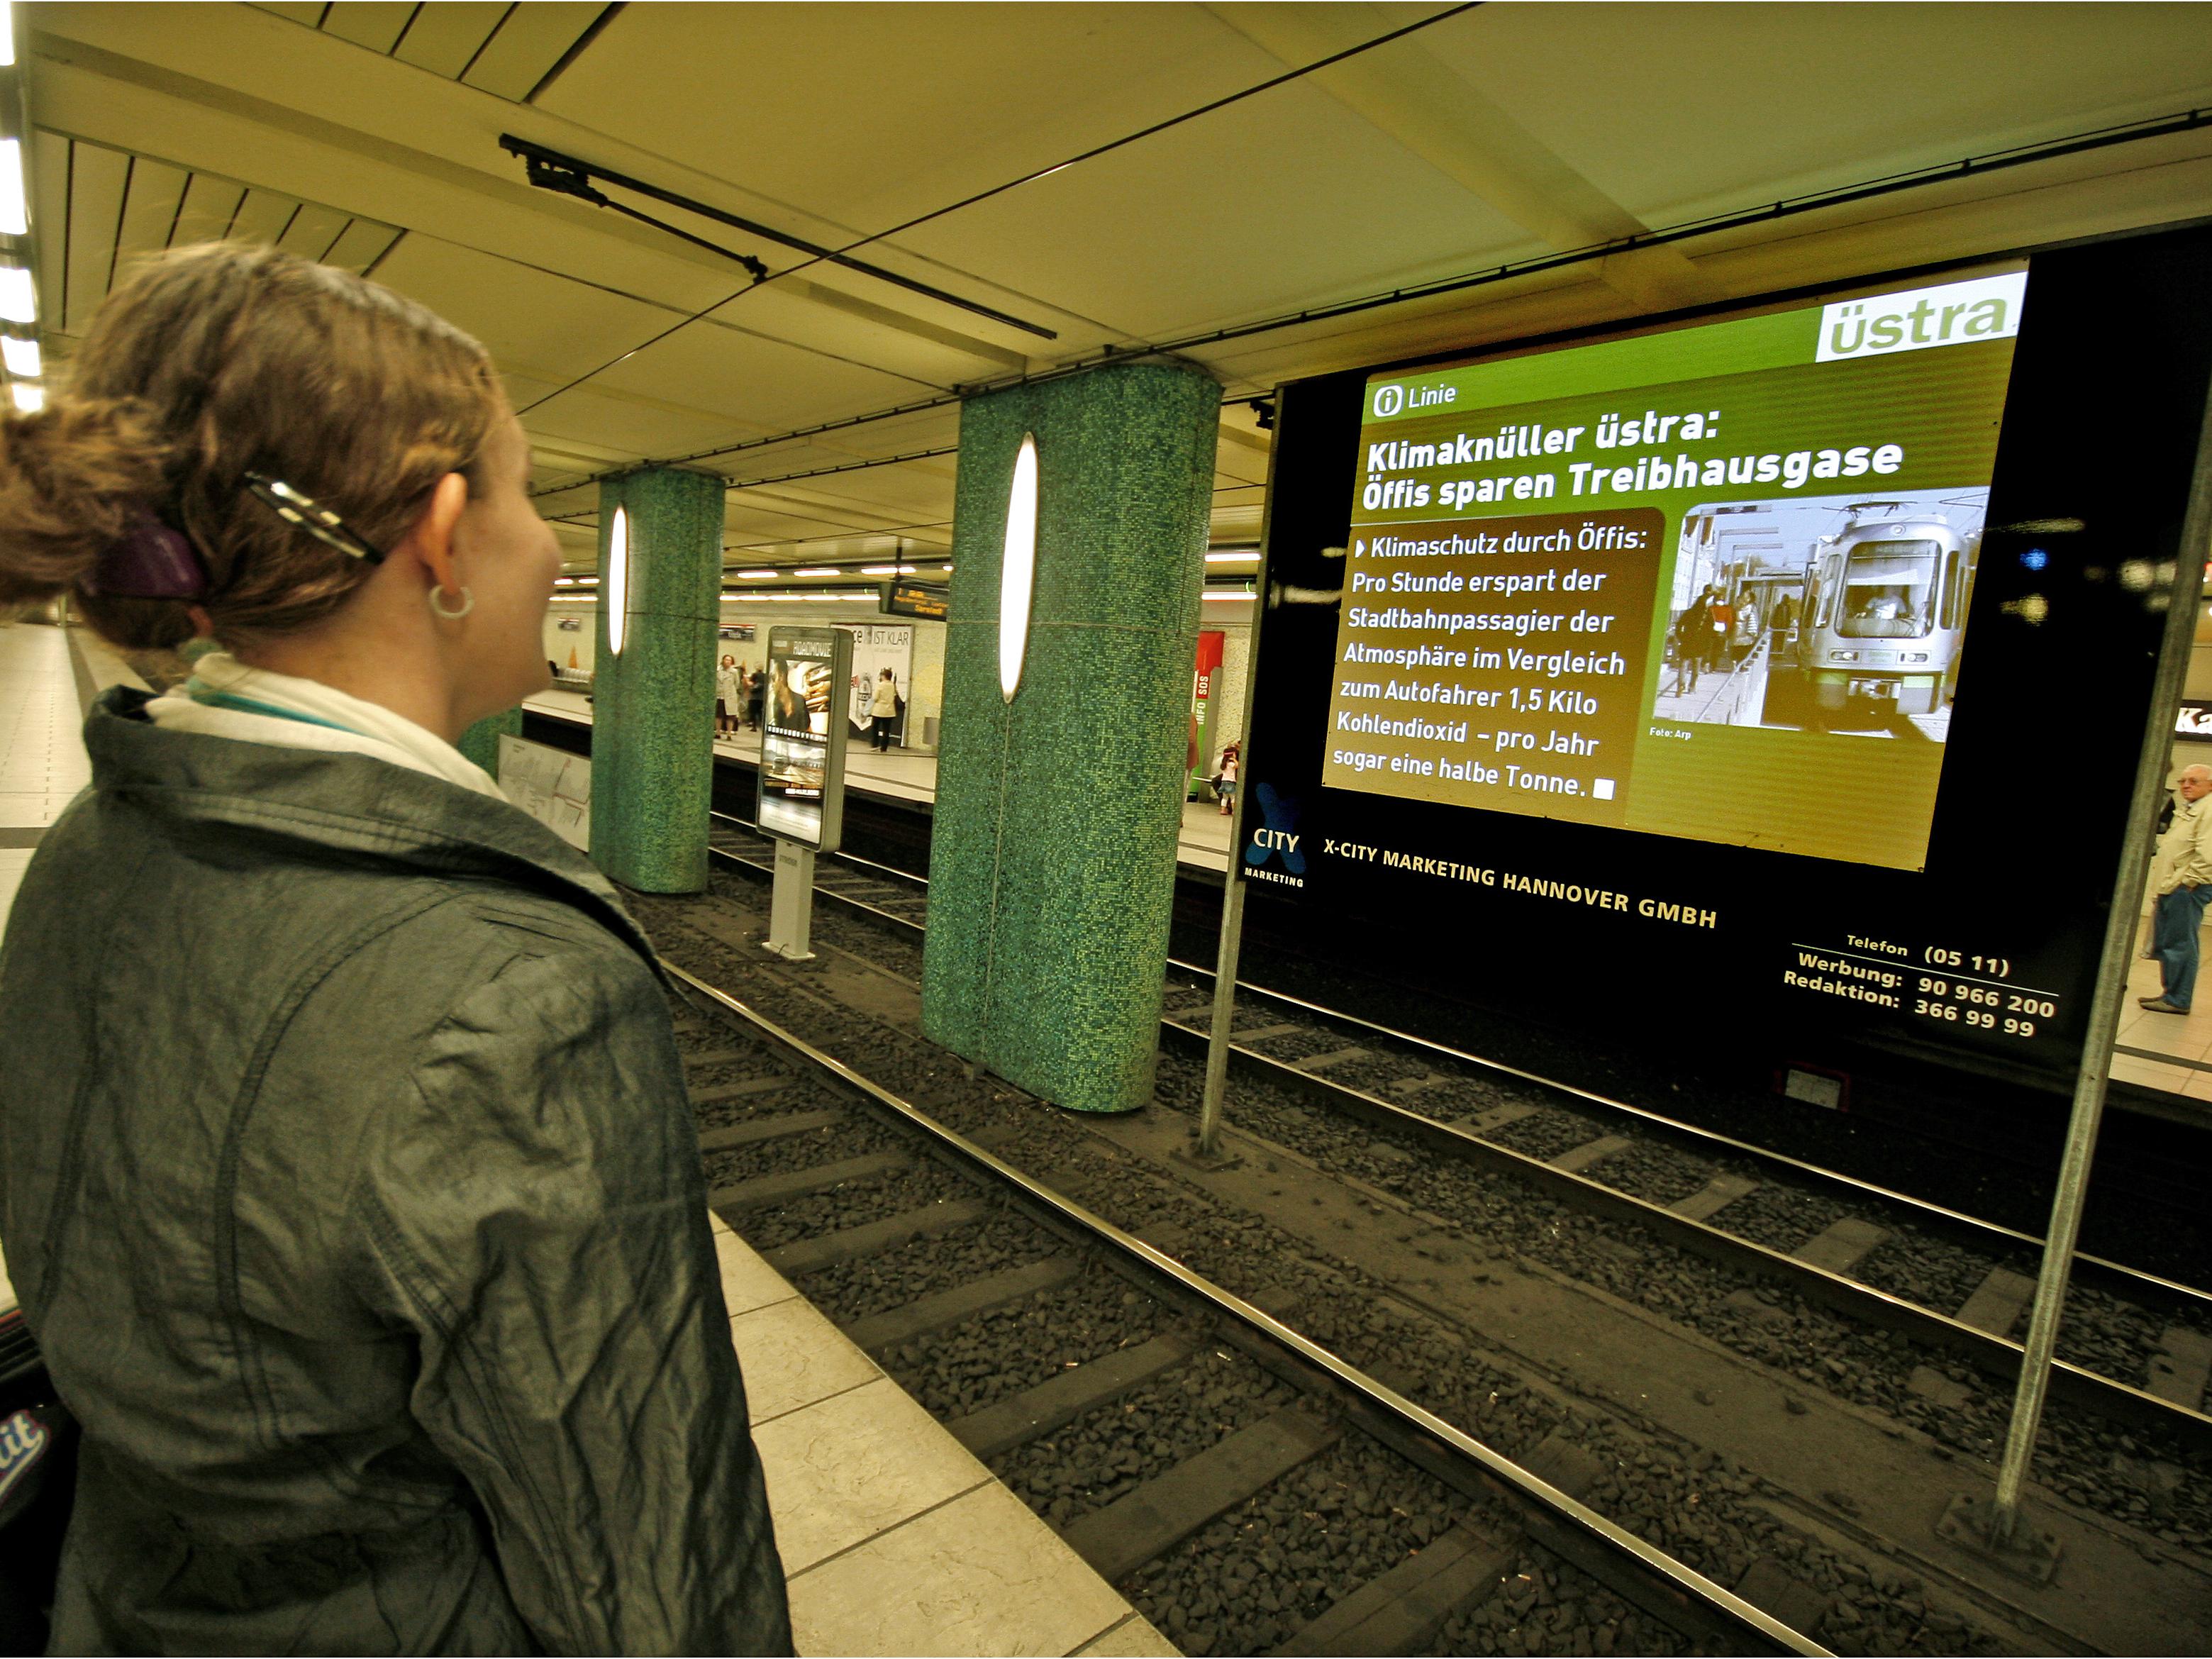 Frau sieht sich eine Nachricht auf einer Leinwand in einer U-Bahnstation an.